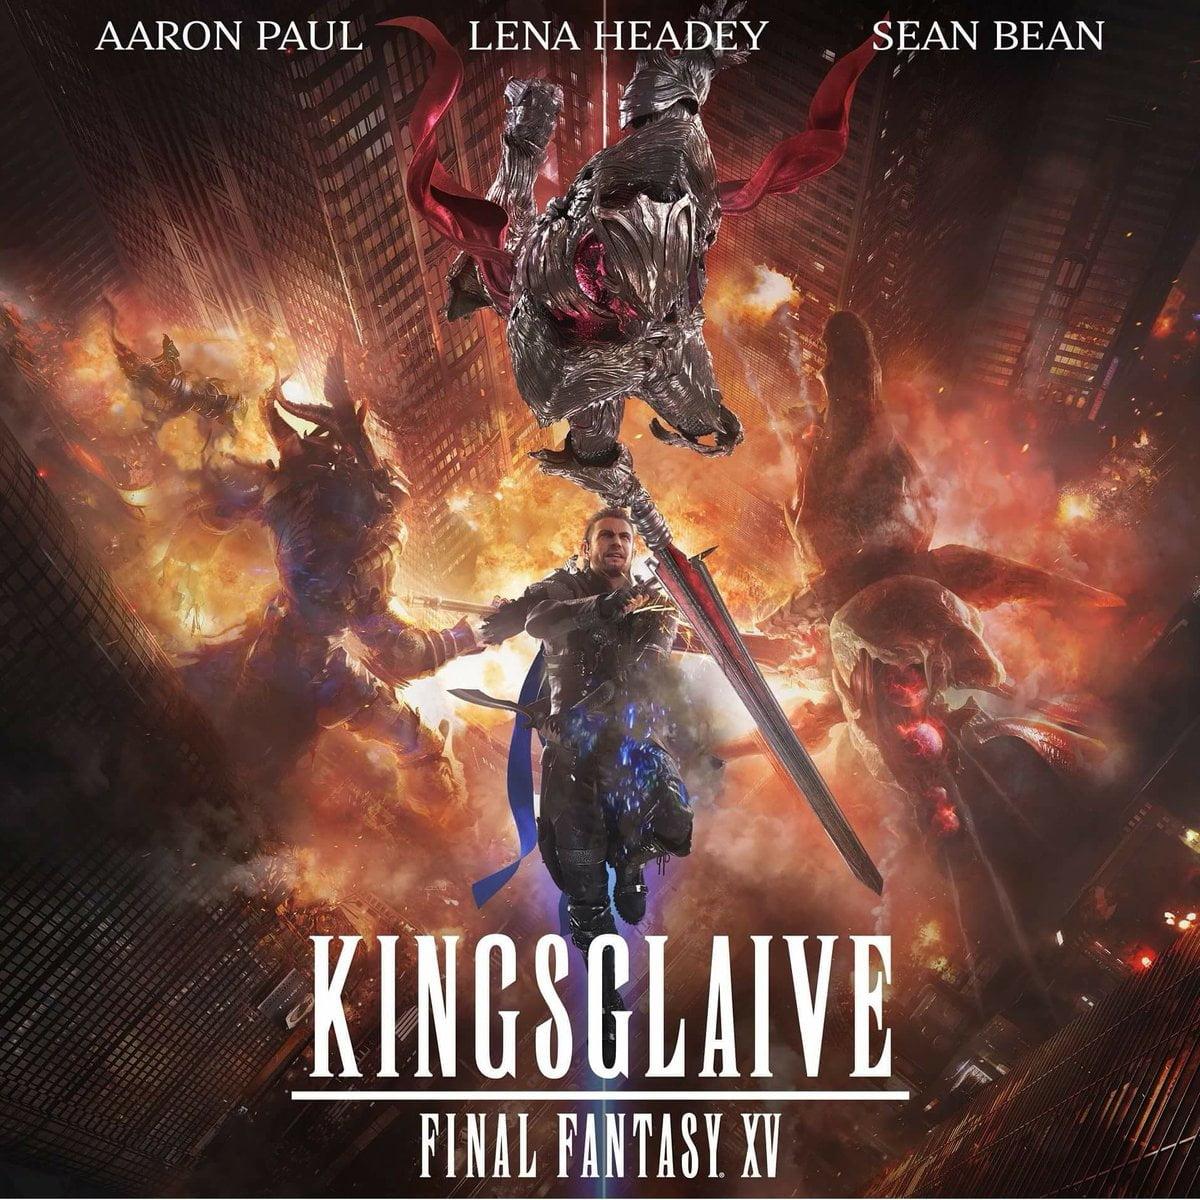 Kingsglaive Final Fantasy XV สงครามแห่งราชันย์